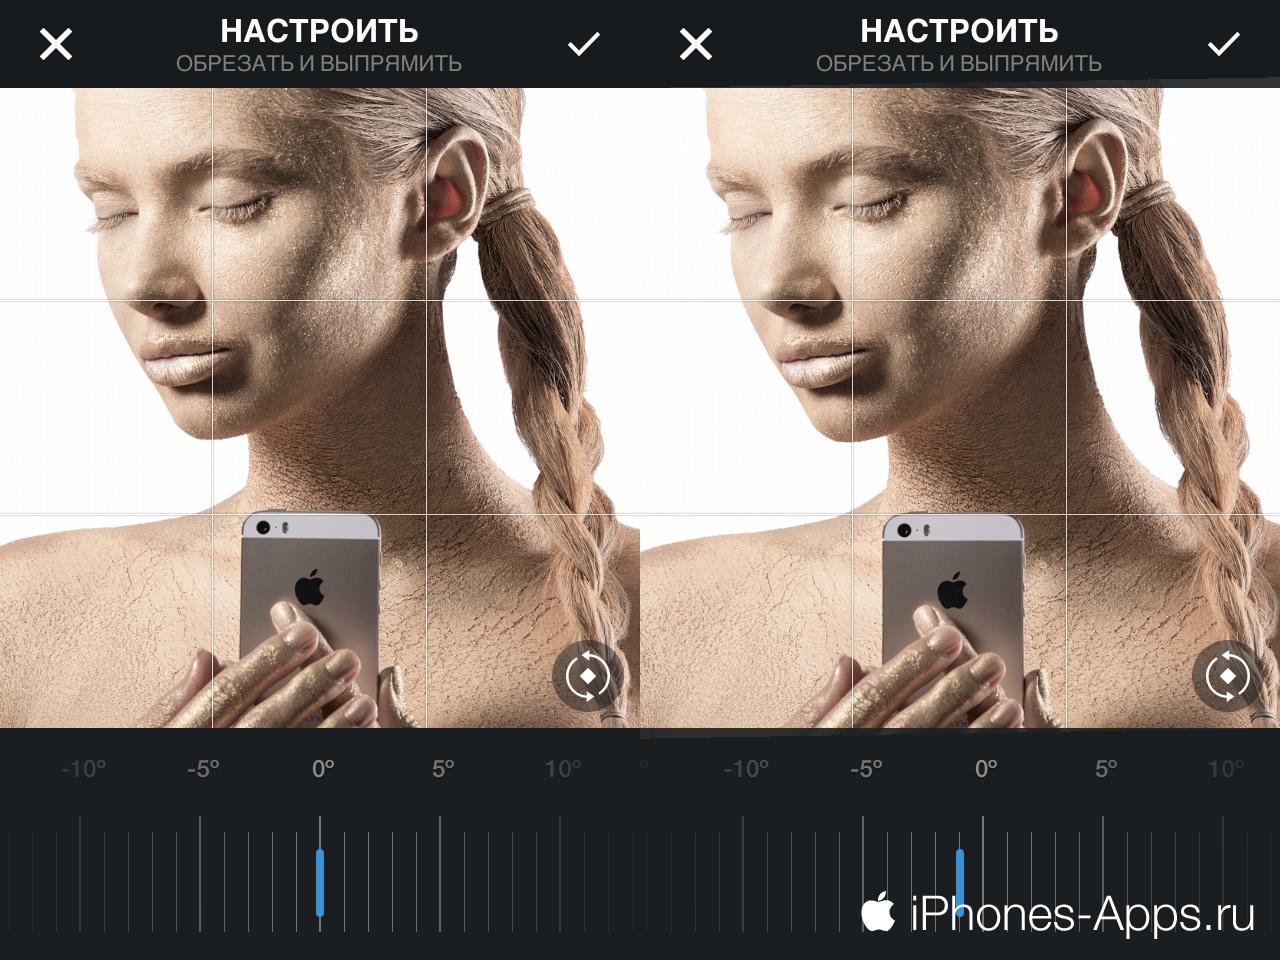 instargam-6-apps-1